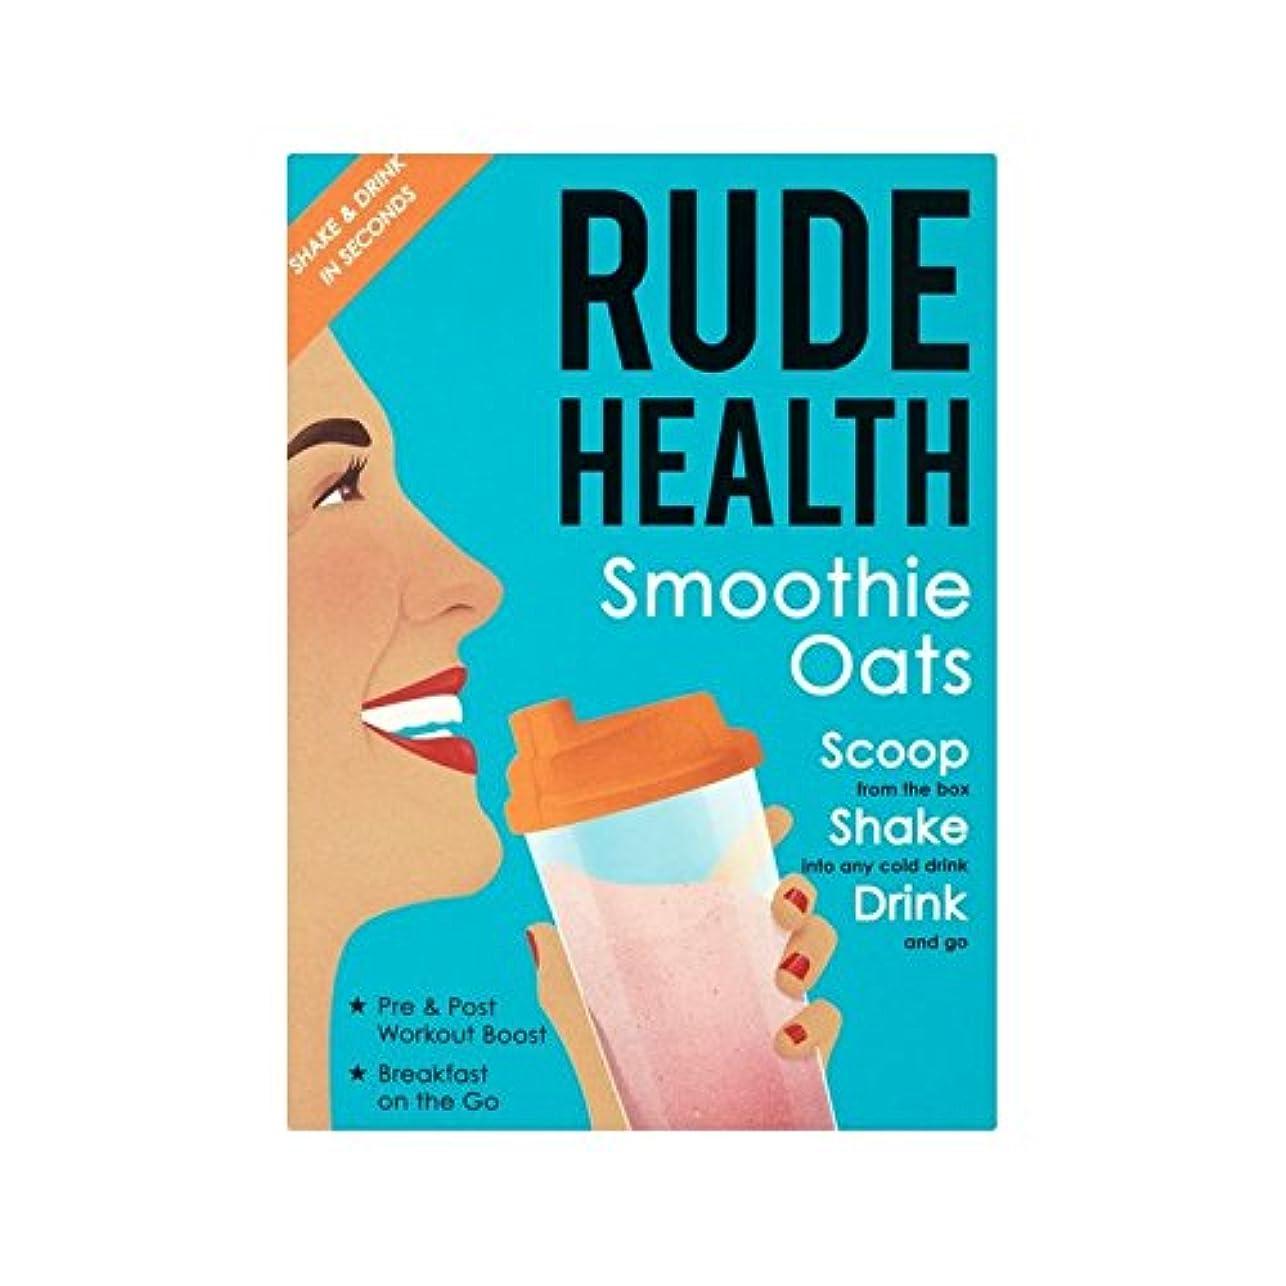 気分が良いピアノスモッグスムージーオート麦250グラム (Rude Health) (x 6) - Rude Health Smoothie Oats 250g (Pack of 6) [並行輸入品]